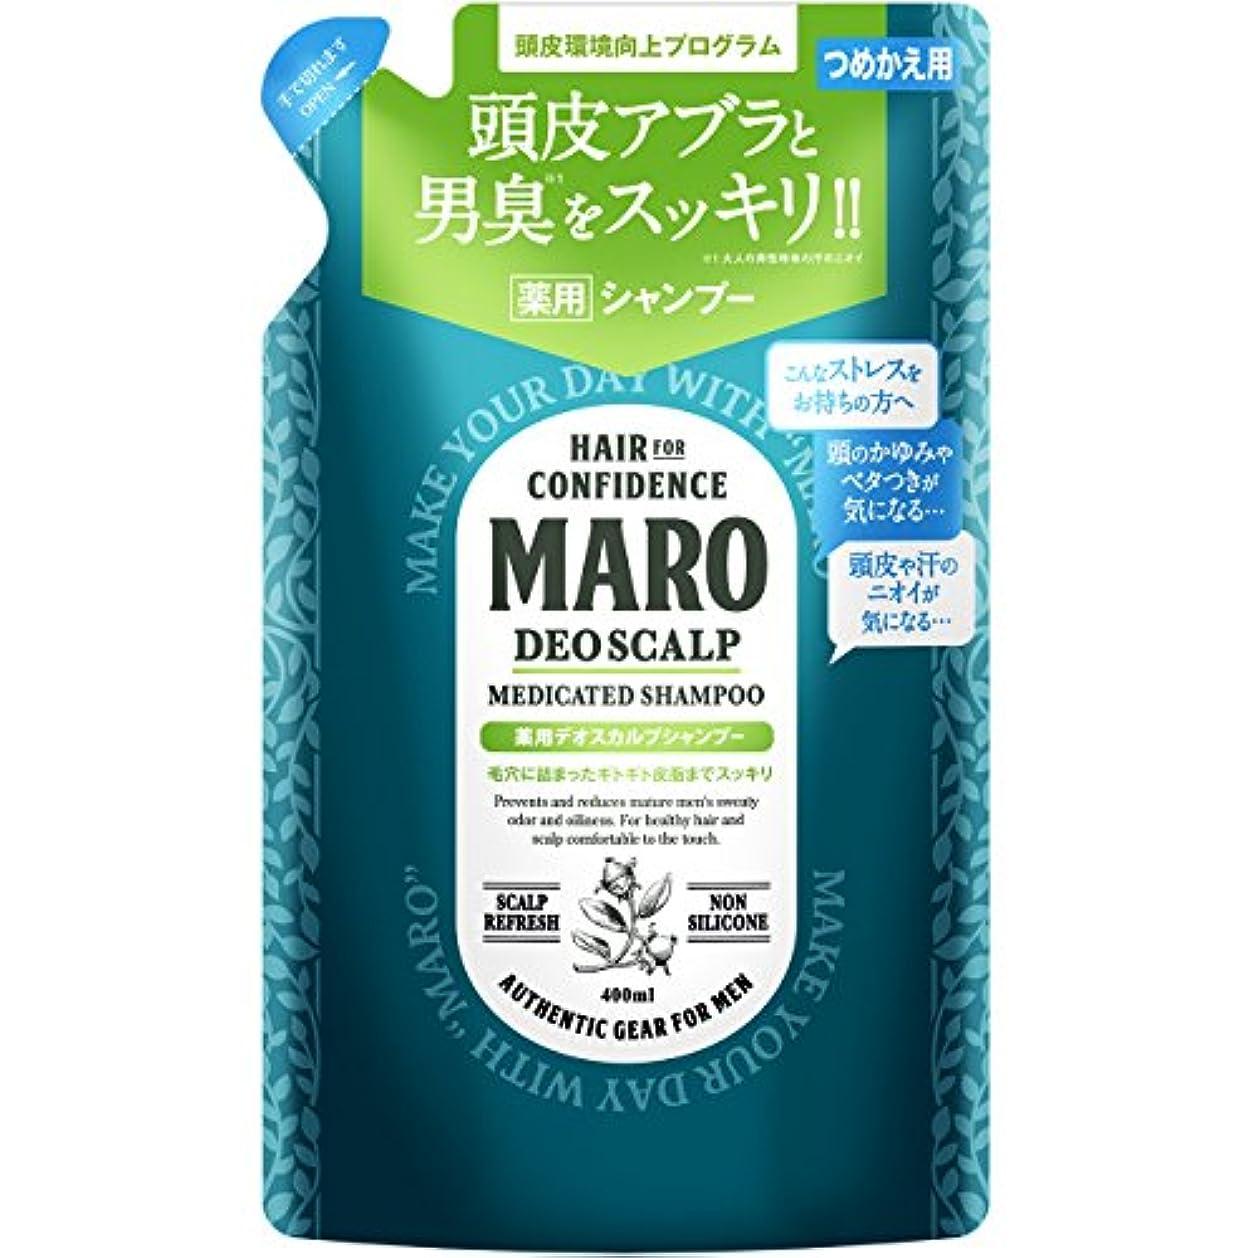 掃除スイングコードMARO 薬用 デオスカルプ シャンプー 詰め替え 400ml 【医薬部外品】